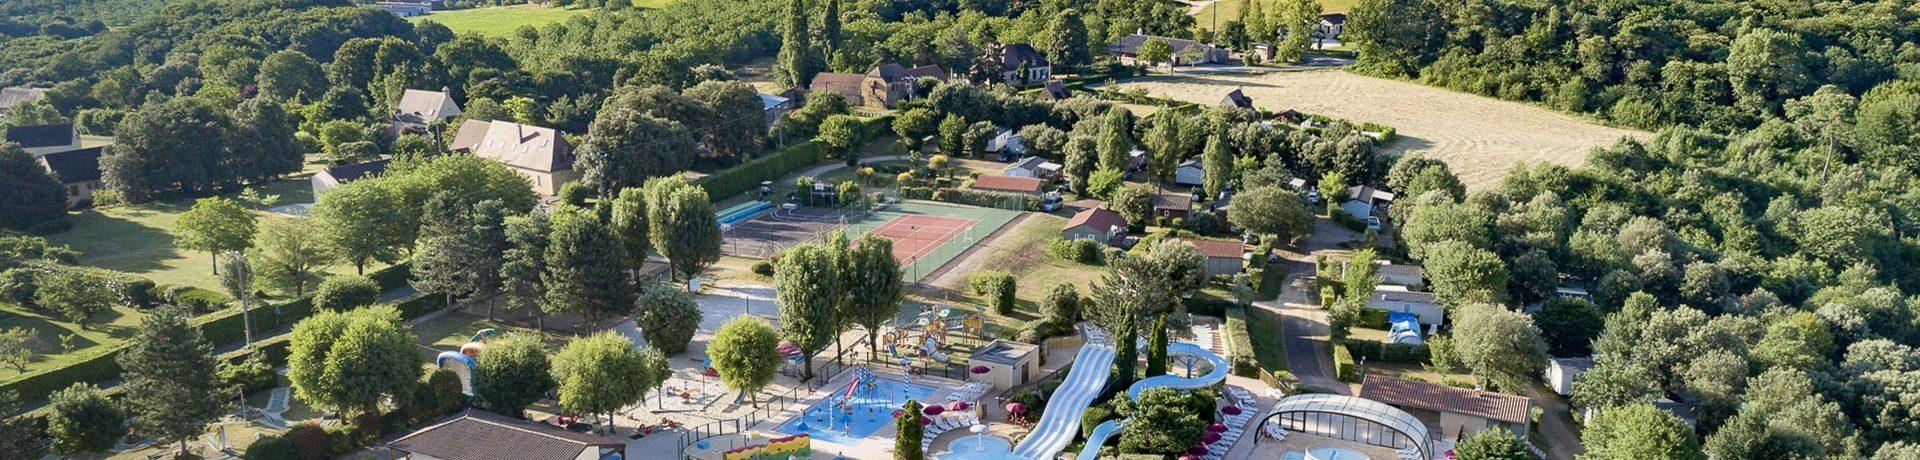 Camping Les Péneyrals is een grote en overcomplete camping met verwarmd zwemparadijs en tennisbaan in Saint-Crépin-et-Carlucet in de Périgord, Dordogne.